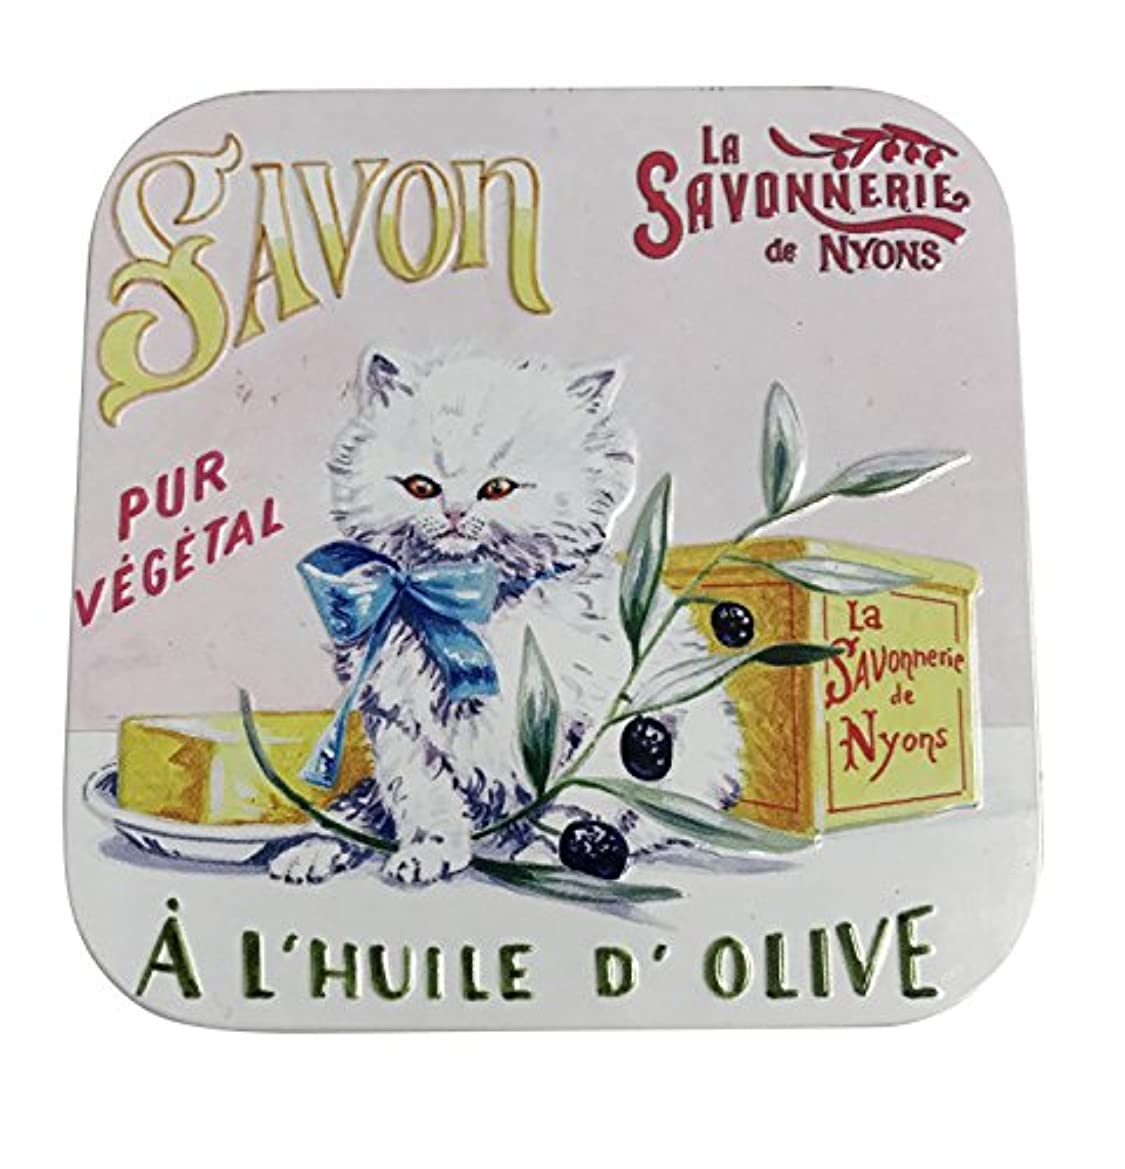 アルミニウムクスクスネイティブラ?サボネリー アンティーク缶入り石鹸 タイプ100 ペルシャ子猫(コットンフラワー)